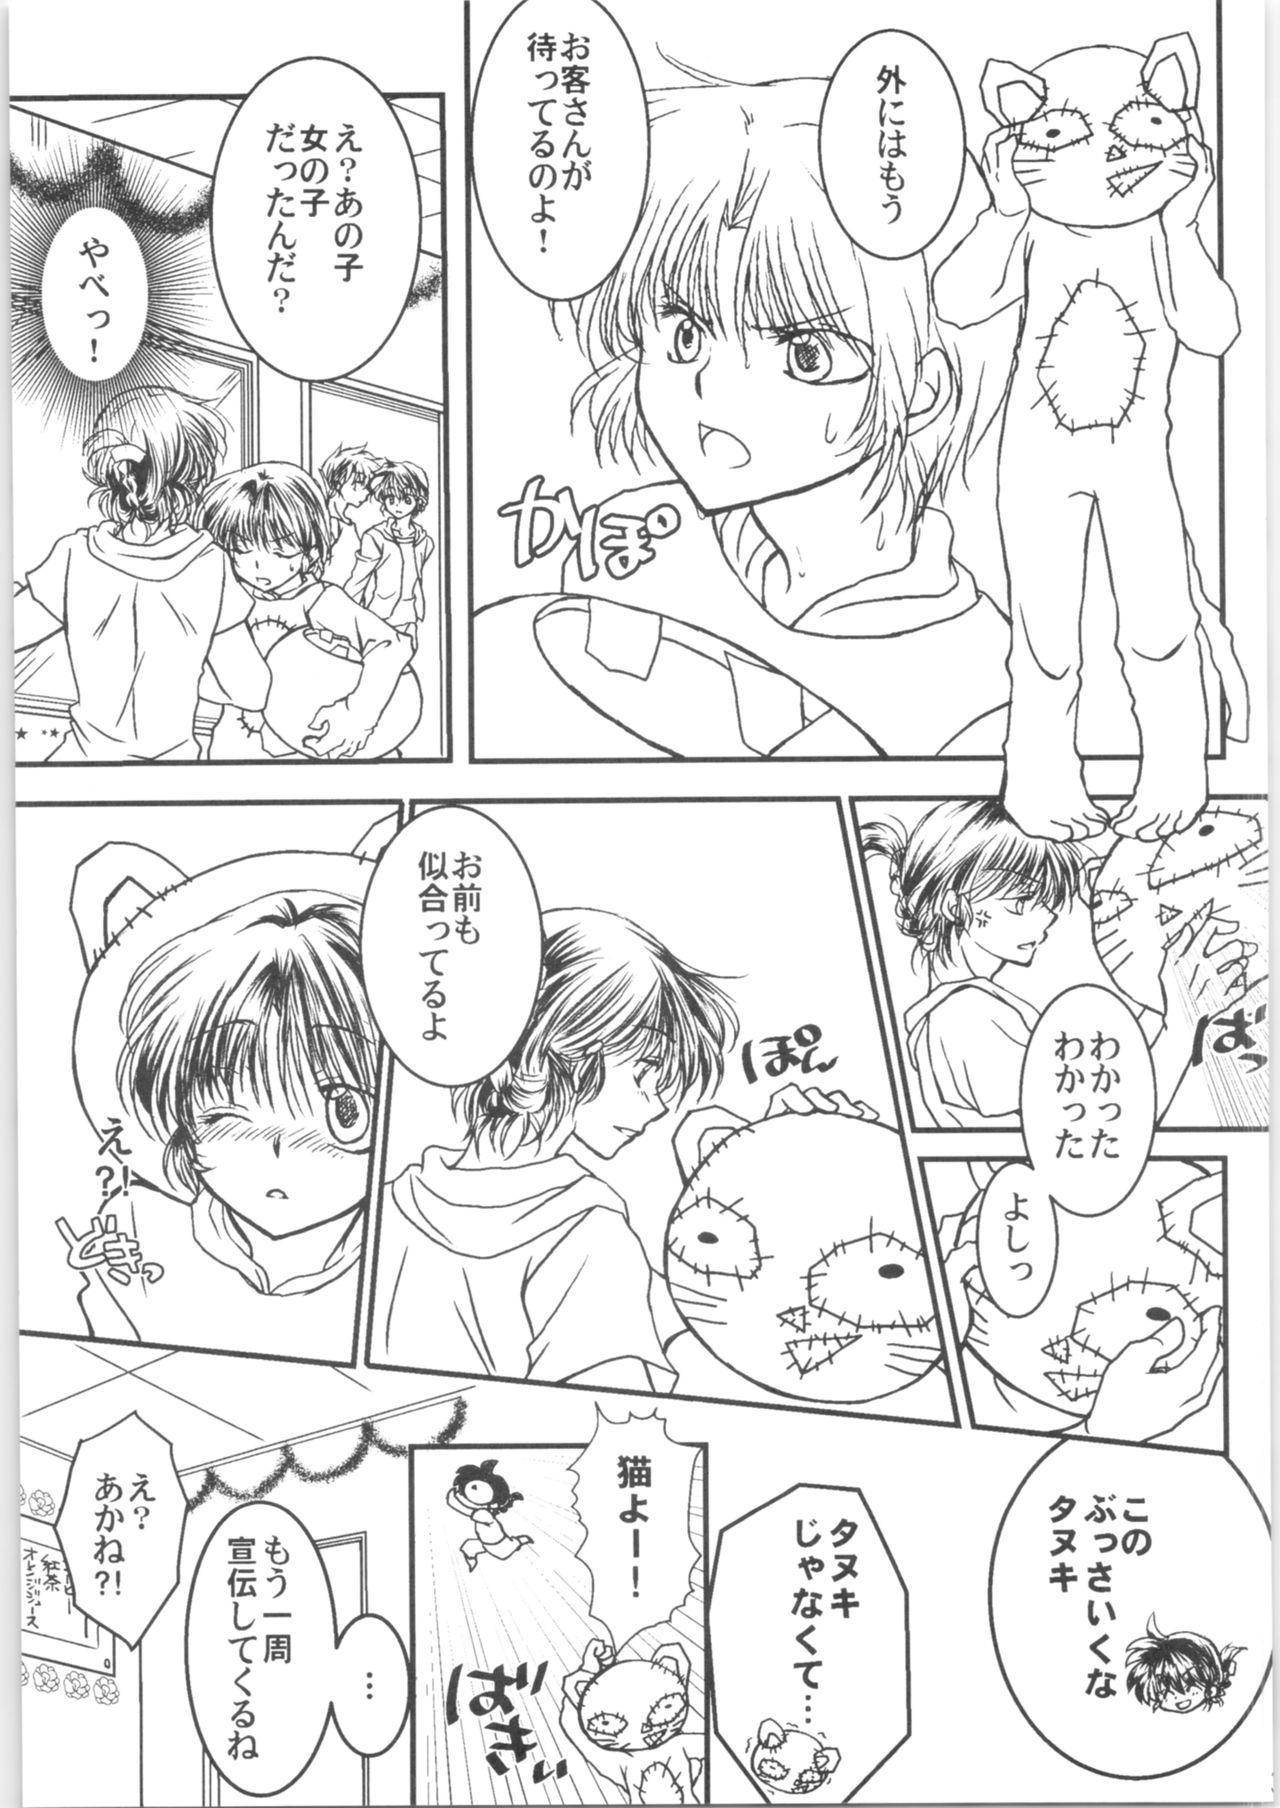 Iinazuke ga Neko ni Narimashite. 29